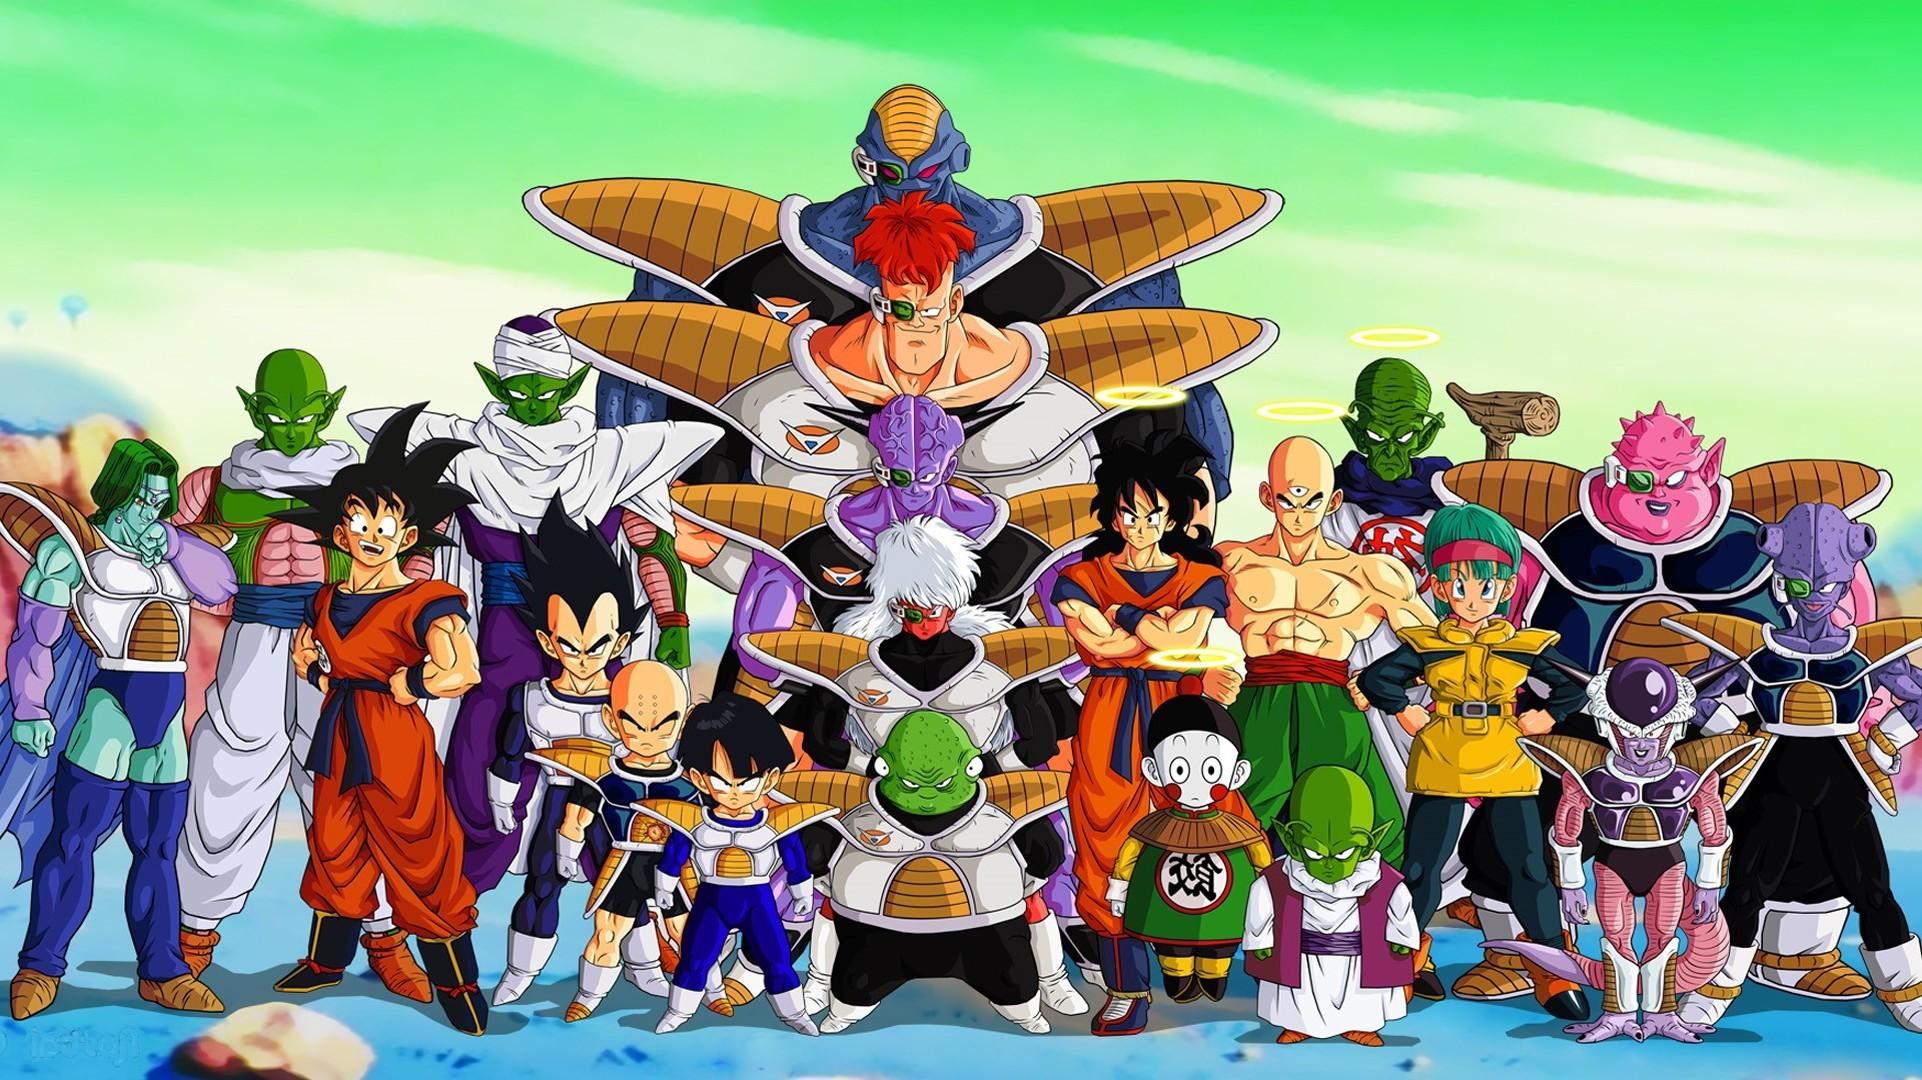 Dragon Ball Z, Krillin, Vegeta, Piccolo, Zarbon, Gohan, Ginyu Force